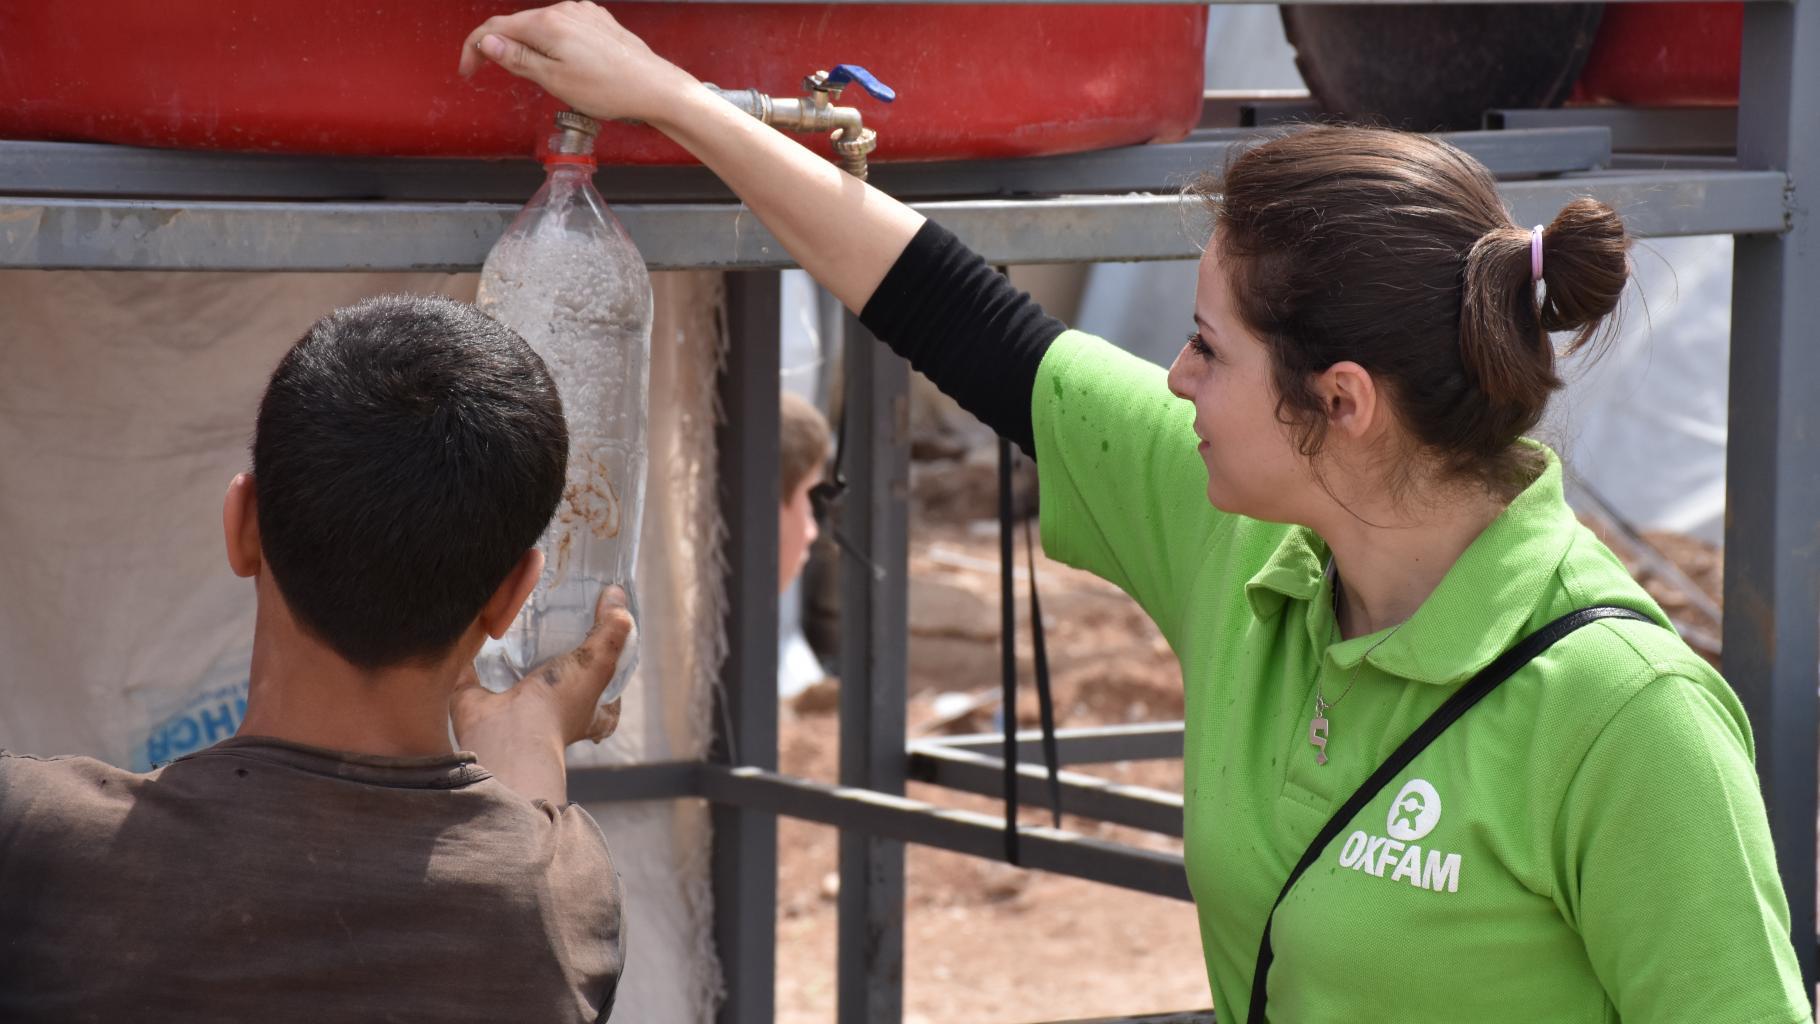 Eine Oxfam-Mitarbeiterin hilft einem Kind, eine Wasserflasche aus einem Tank zu füllen.